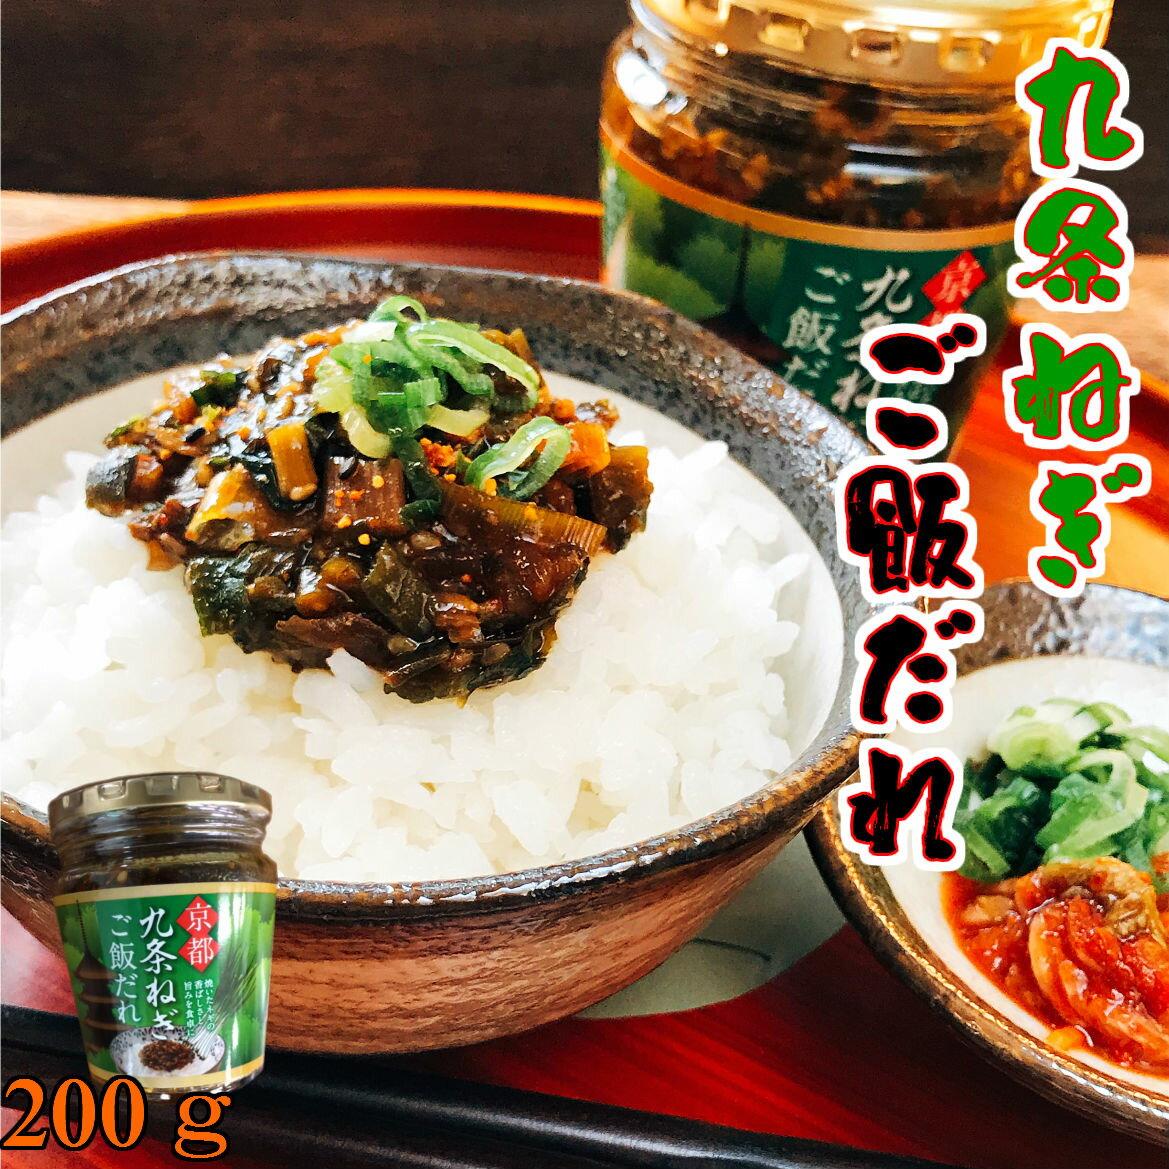 九条ねぎご飯だれ200g 瓶詰めご飯のお供/ご飯のおとも/ごはんのおとも/京 野菜/葱/京都